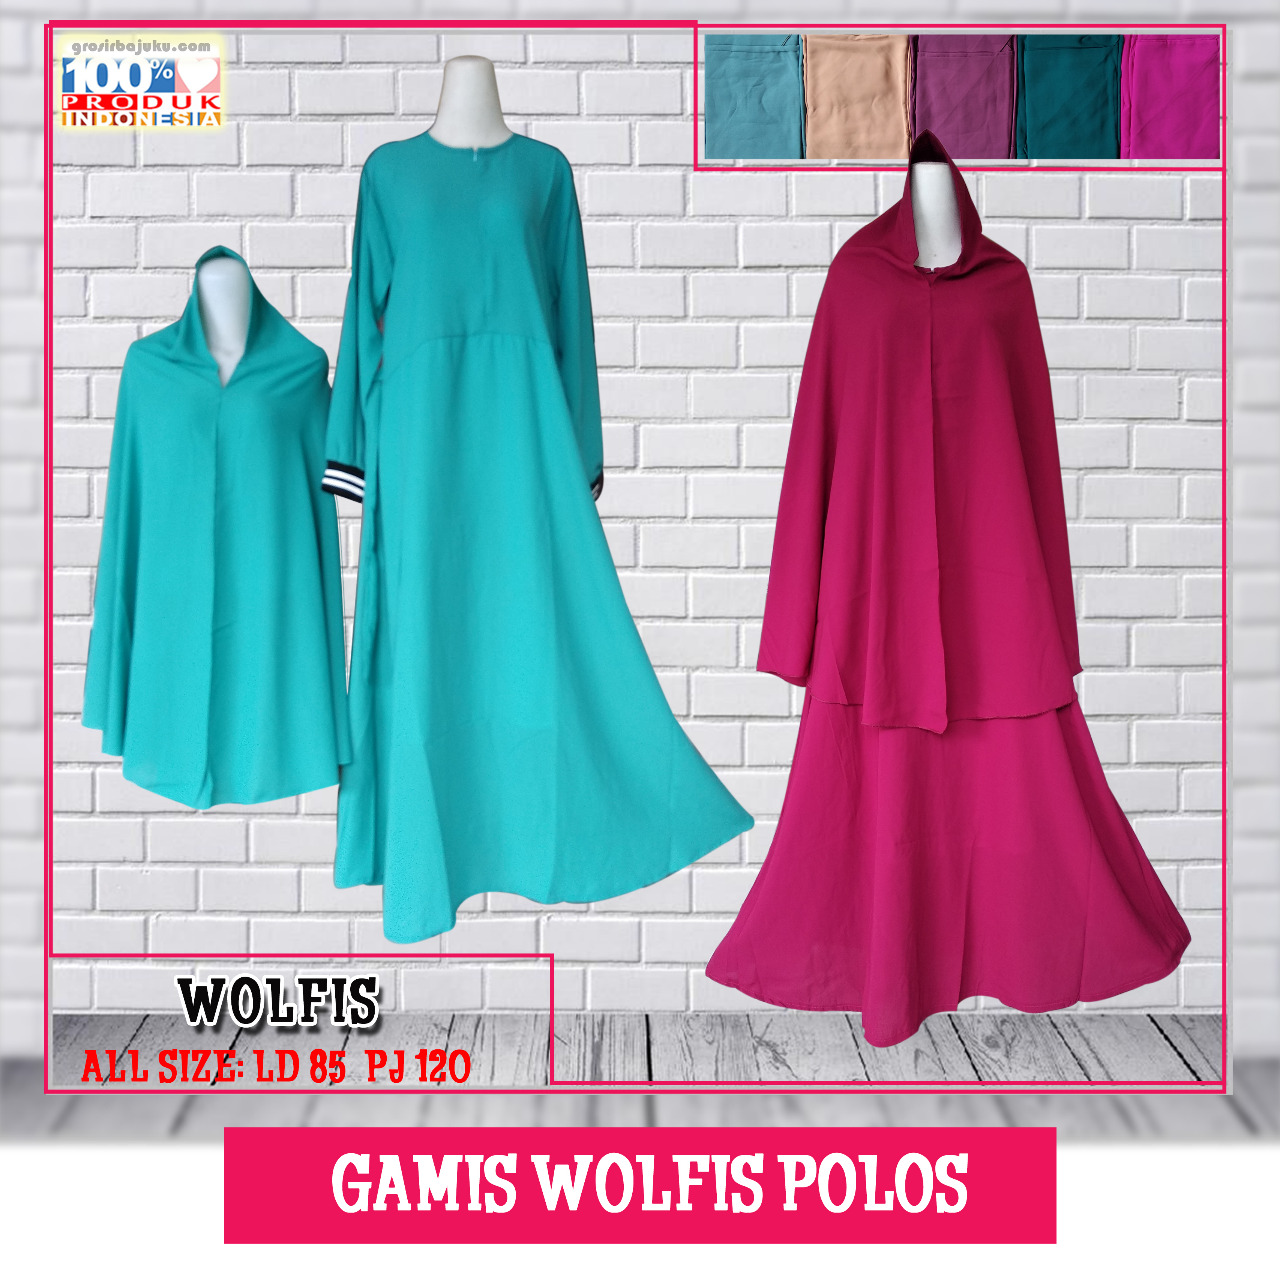 Gamis Wolfis Polos